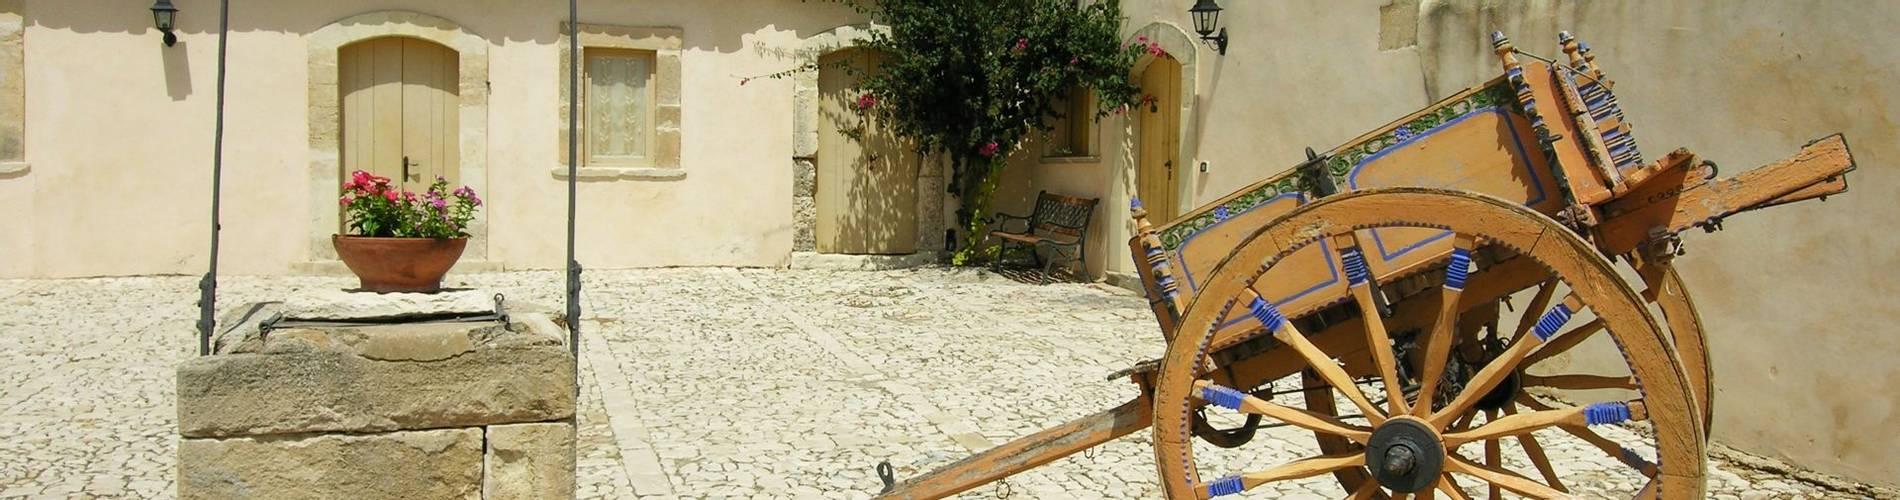 Villa Alfredo, Sicily, Italy (4).jpg